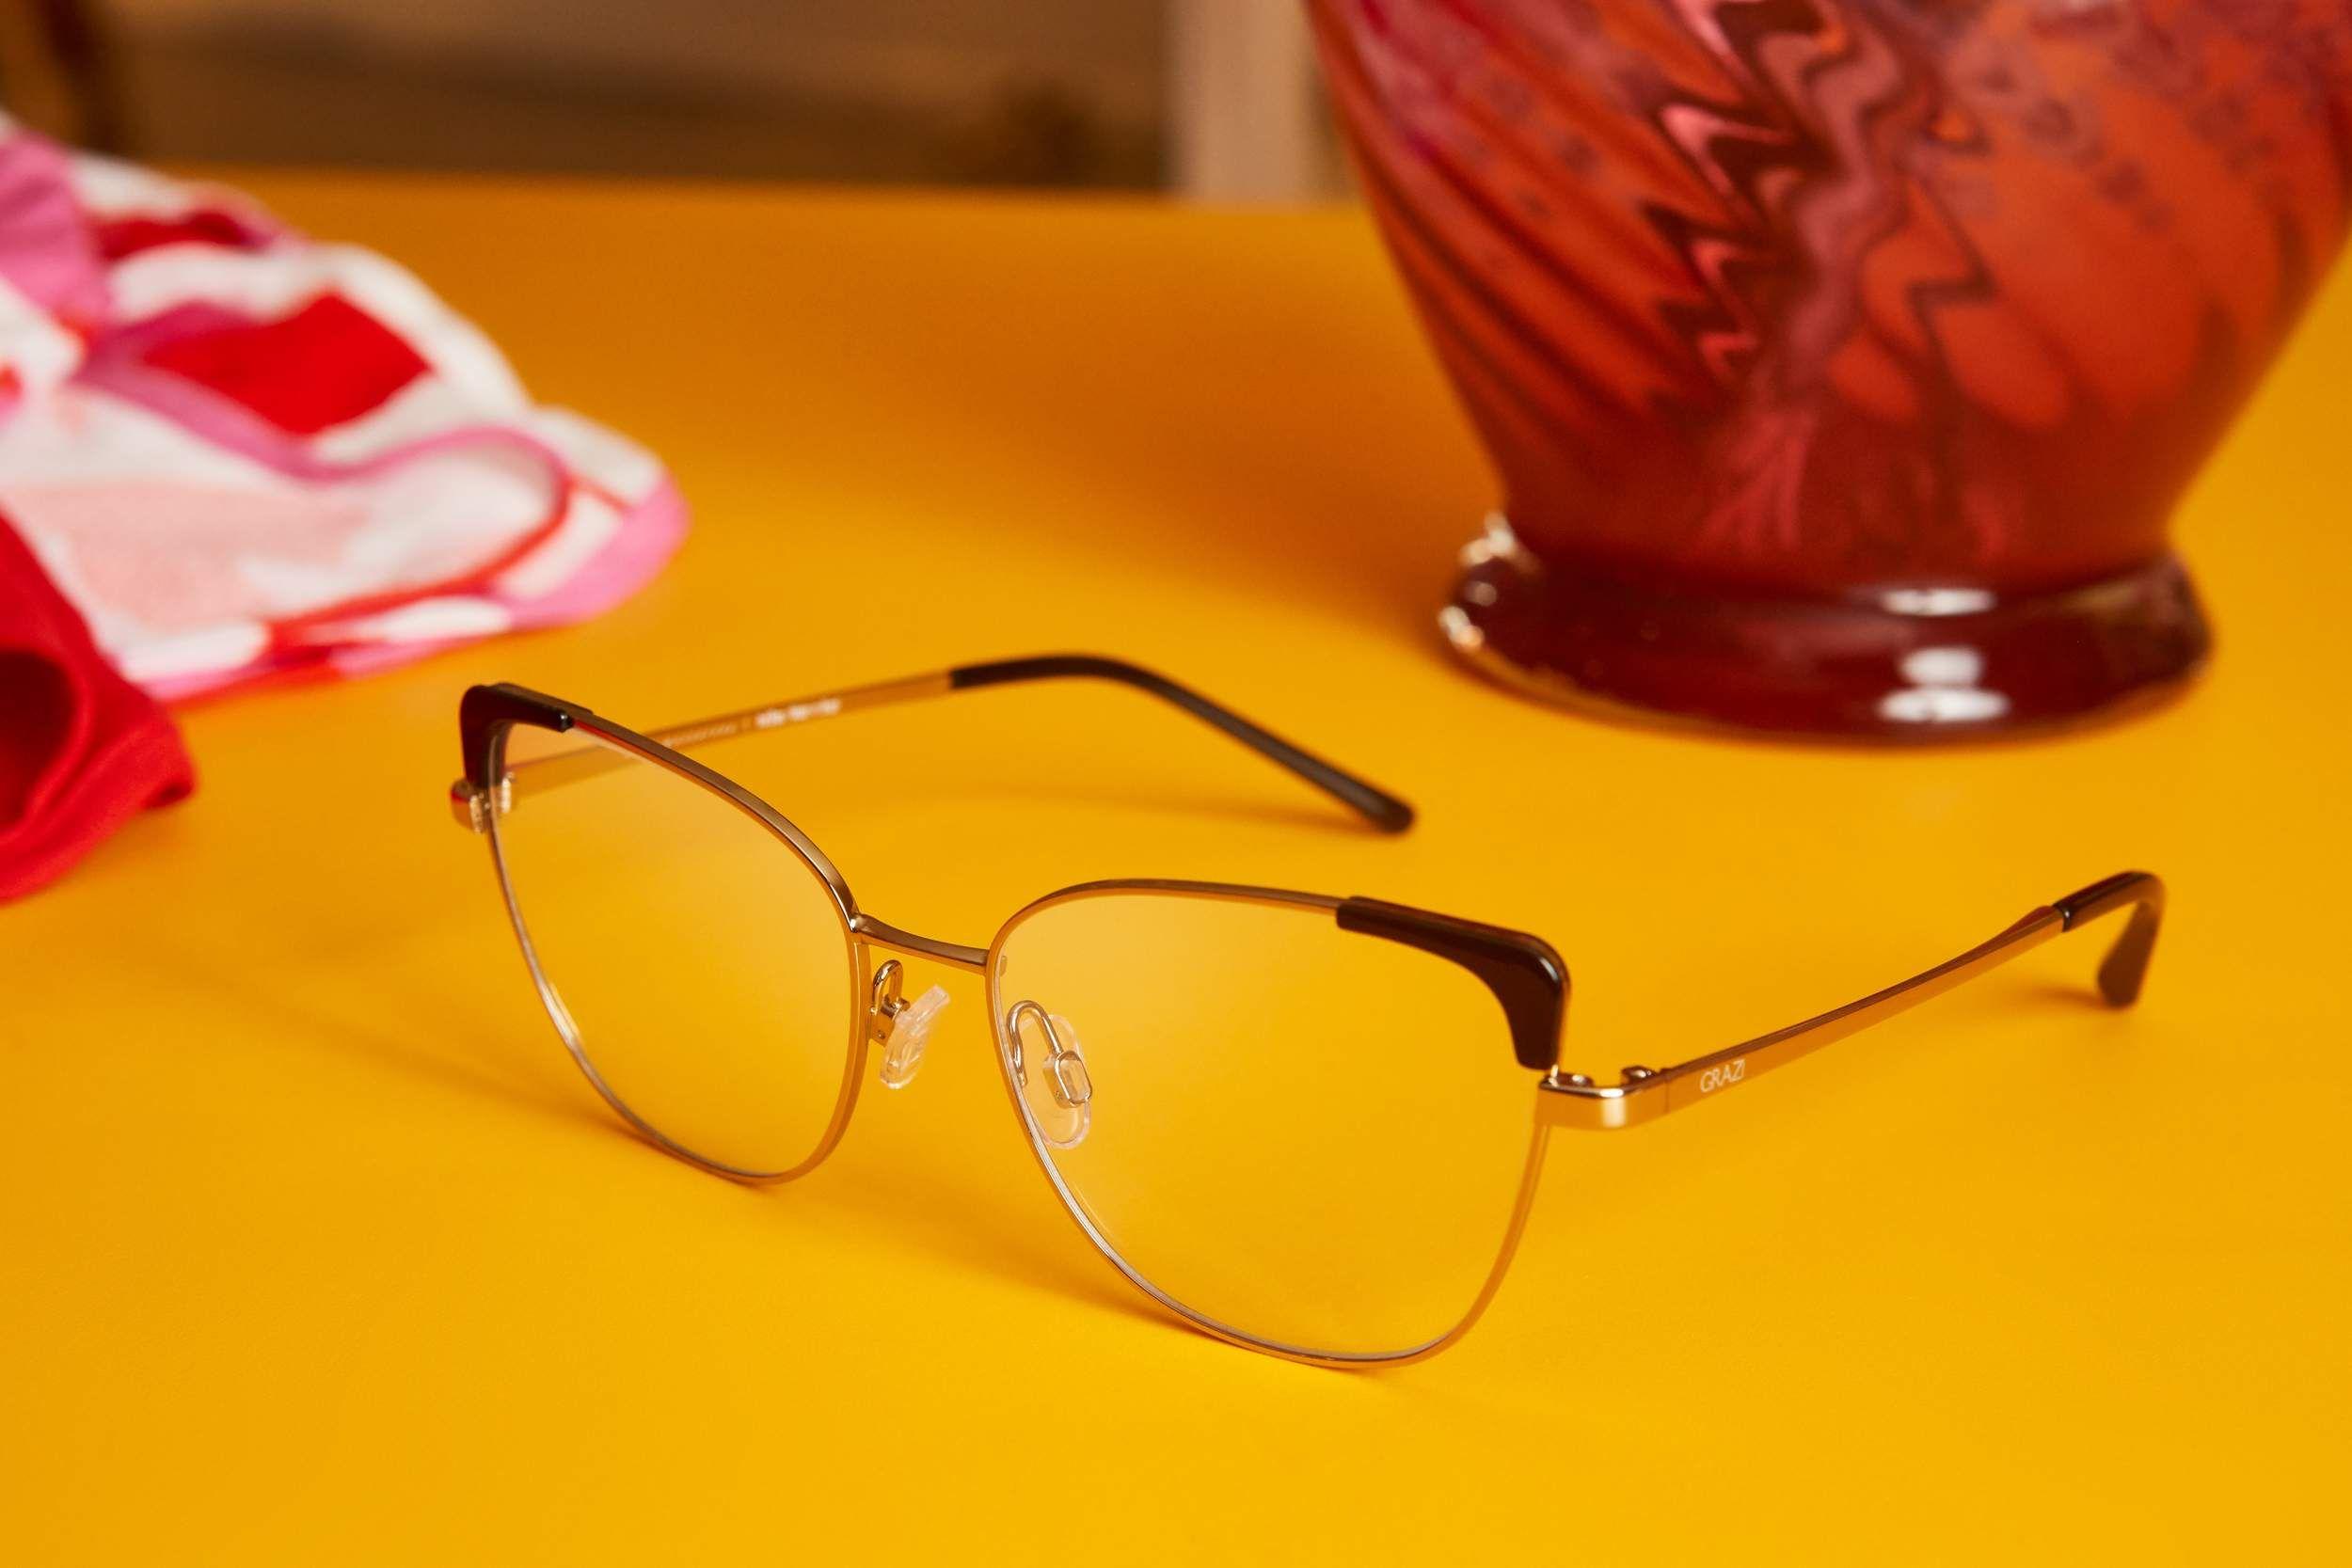 Independente do estilo, o importante é se sentir bem 💃 Grazi Eyewear  Modelo GZ1013 encontrado nas melhores óticas do Brasil.  Oculos  Oculos  Escuros  Grazi 91fe63e1ba